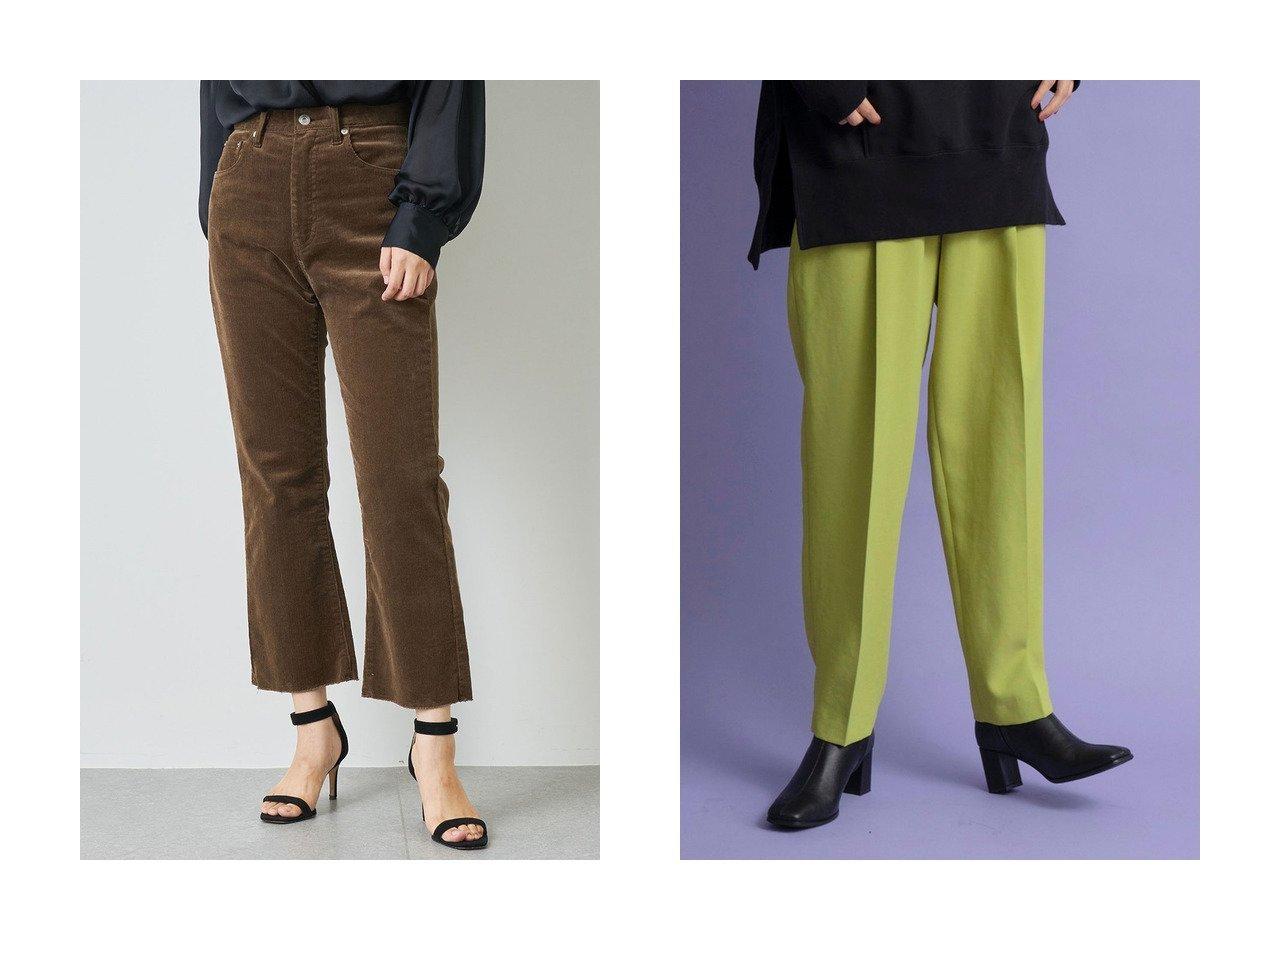 【Whim Gazette/ウィムガゼット】のストレッチコールパンツ&【MAISON SPECIAL/メゾンスペシャル】のカラーワンタックテーパードパンツ パンツのおすすめ!人気、レディースファッションの通販 おすすめで人気のファッション通販商品 インテリア・家具・キッズファッション・メンズファッション・レディースファッション・服の通販 founy(ファニー) https://founy.com/ ファッション Fashion レディース WOMEN パンツ Pants クロップド コーデュロイ ストレッチ フレア フィット フォルム |ID:crp329100000000204